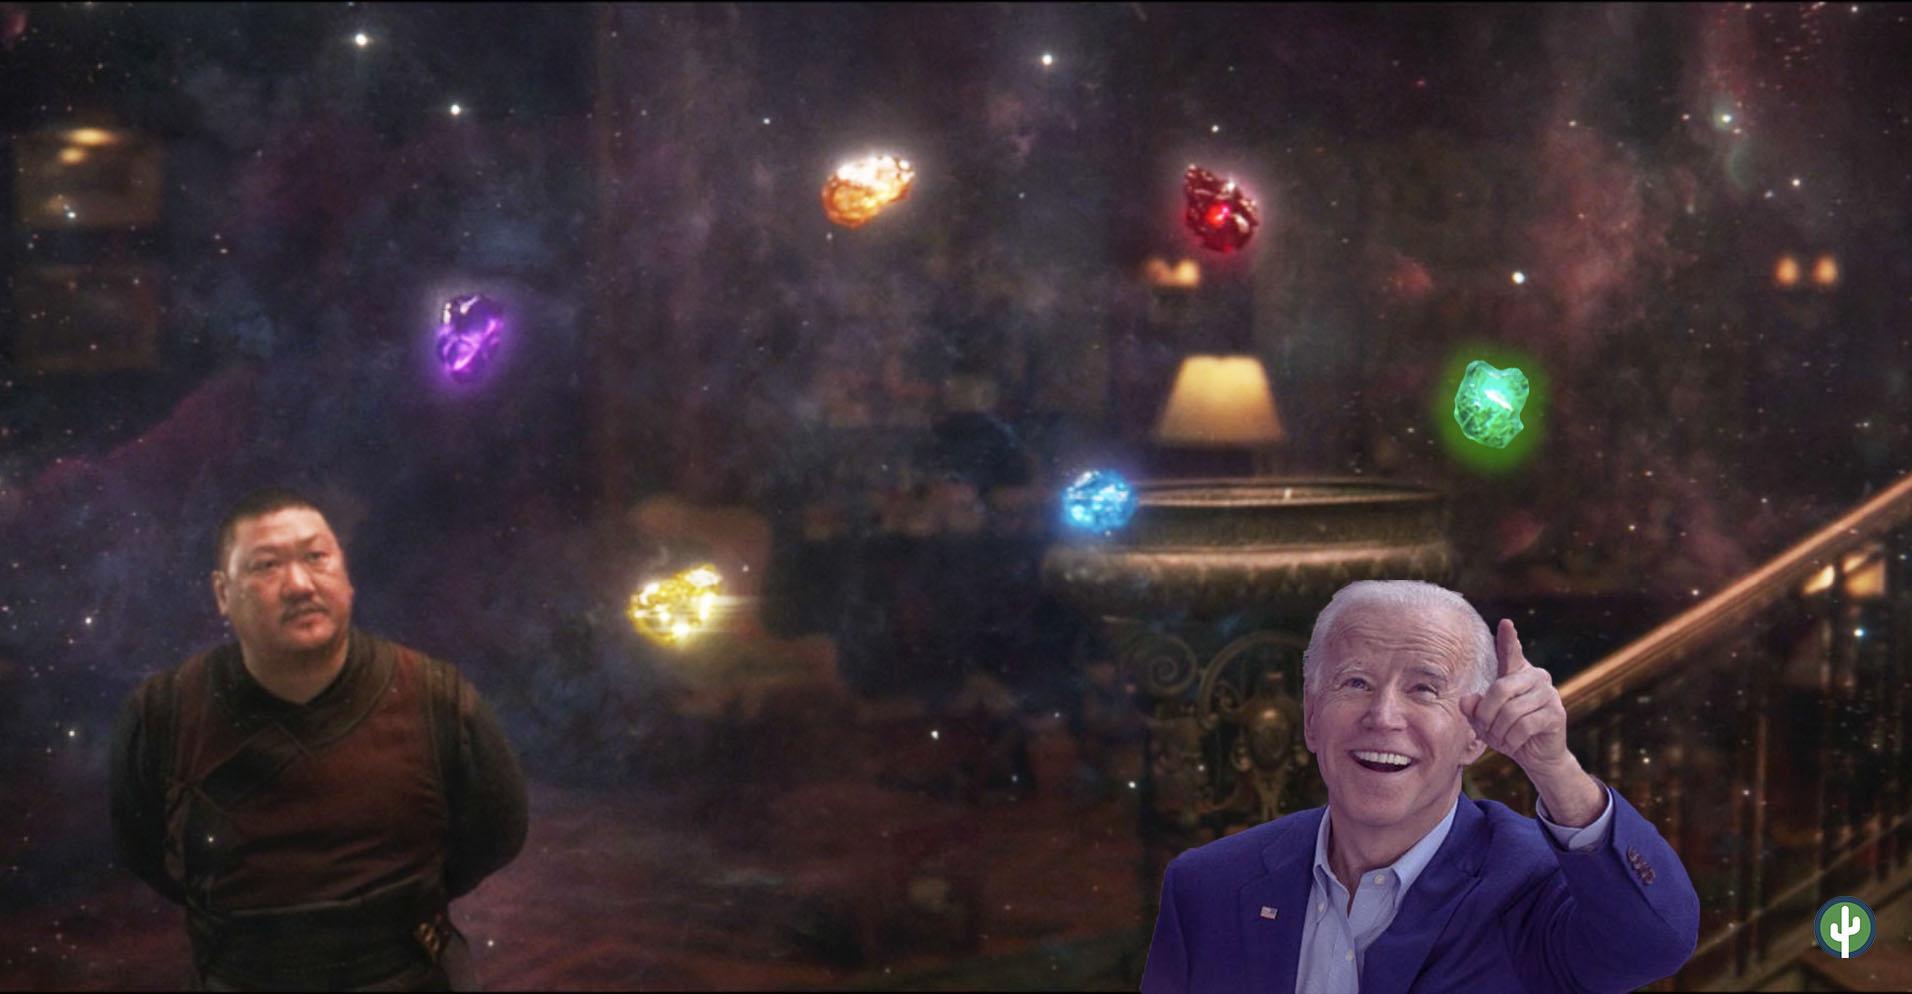 Joe Biden Infinity Stones